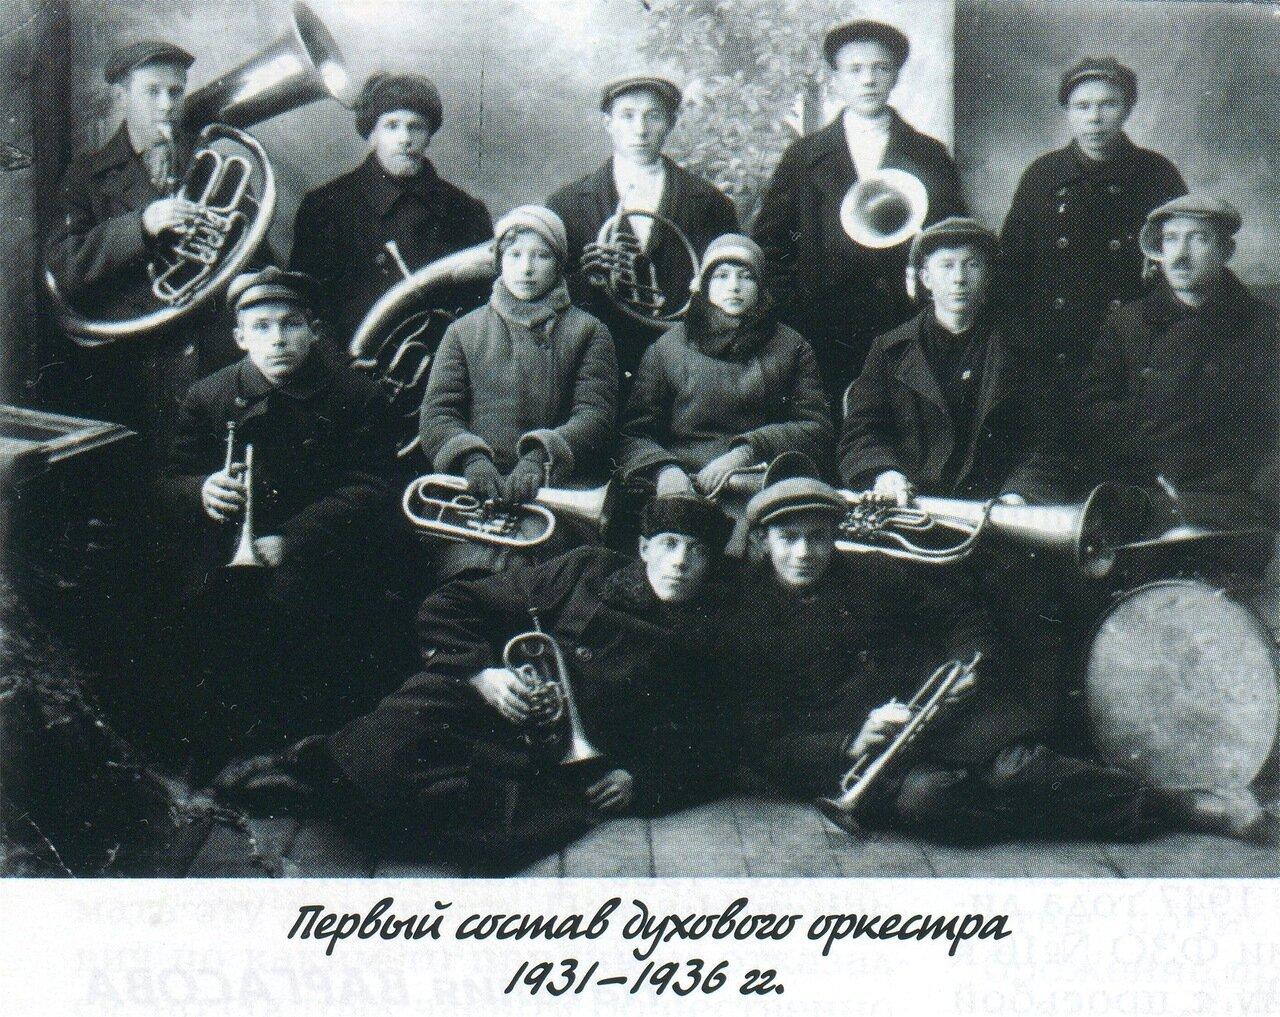 1931-1936. Музыканты духового оркестра левобережного Тутаева